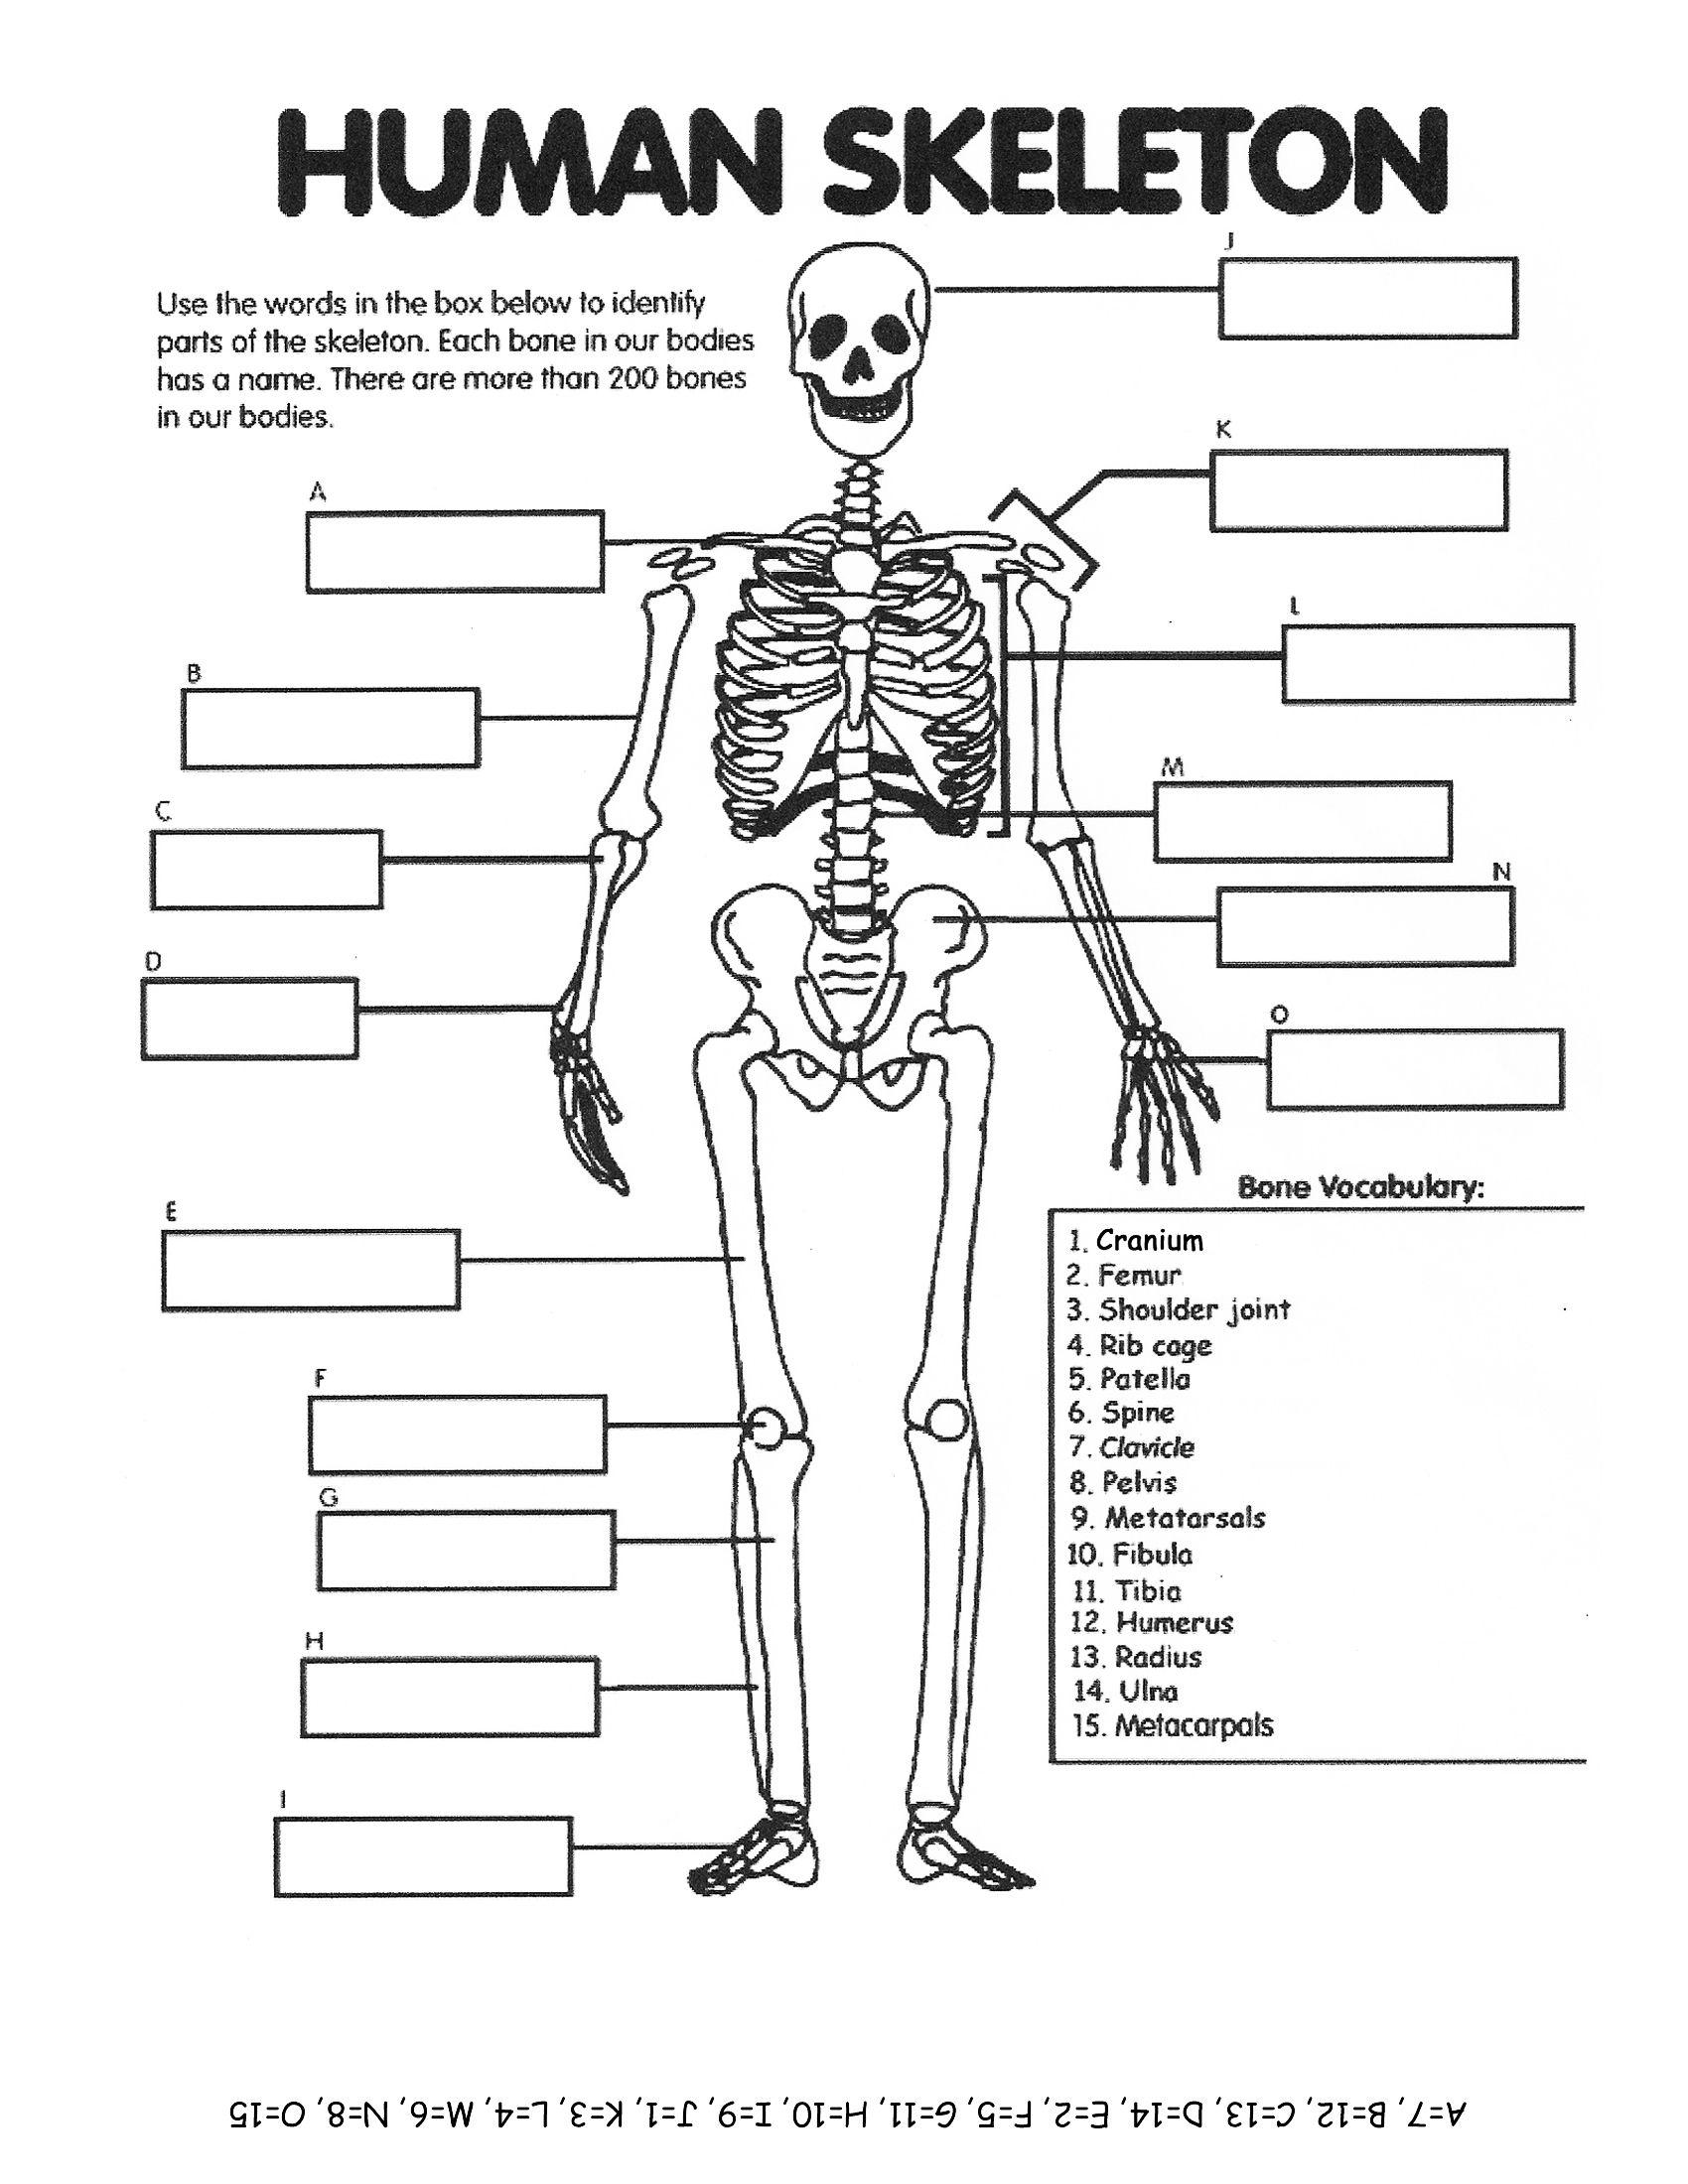 No L K Hum N Skelet Element Ry W Ksheet Homeschool He Lth